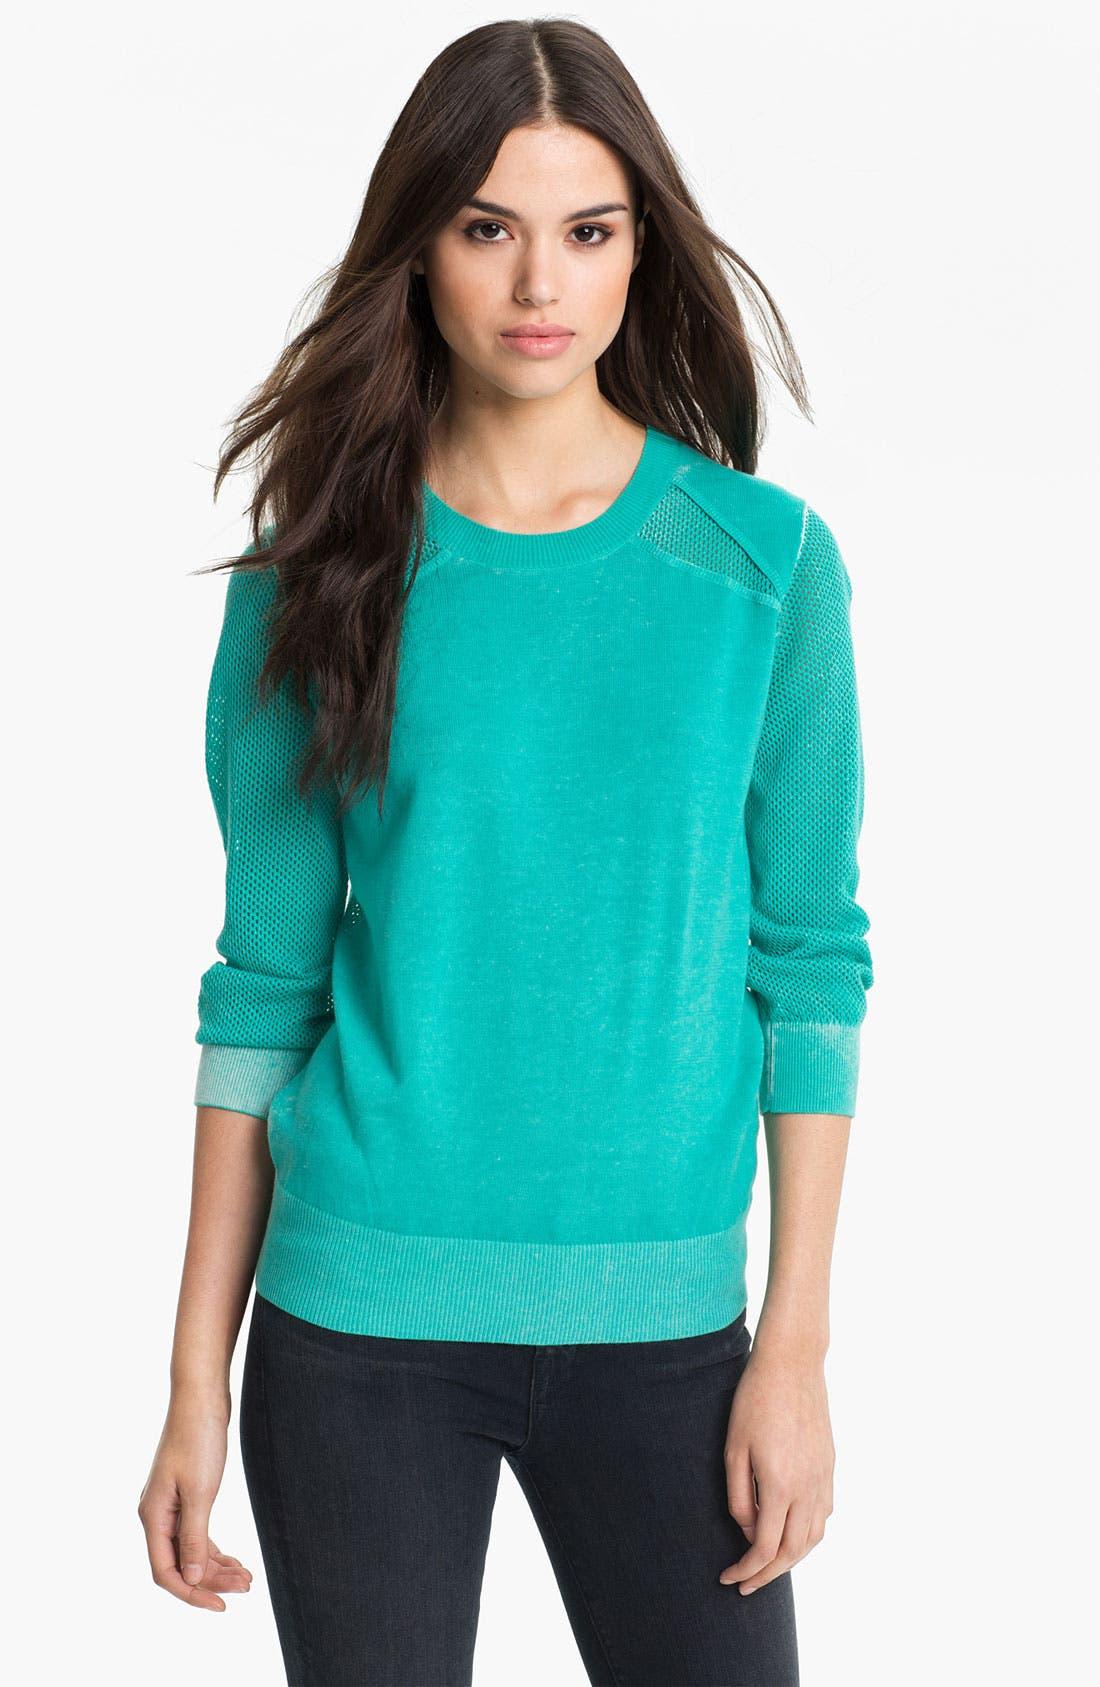 Main Image - Rebecca Minkoff 'Ontario' Mesh Panel Sweater